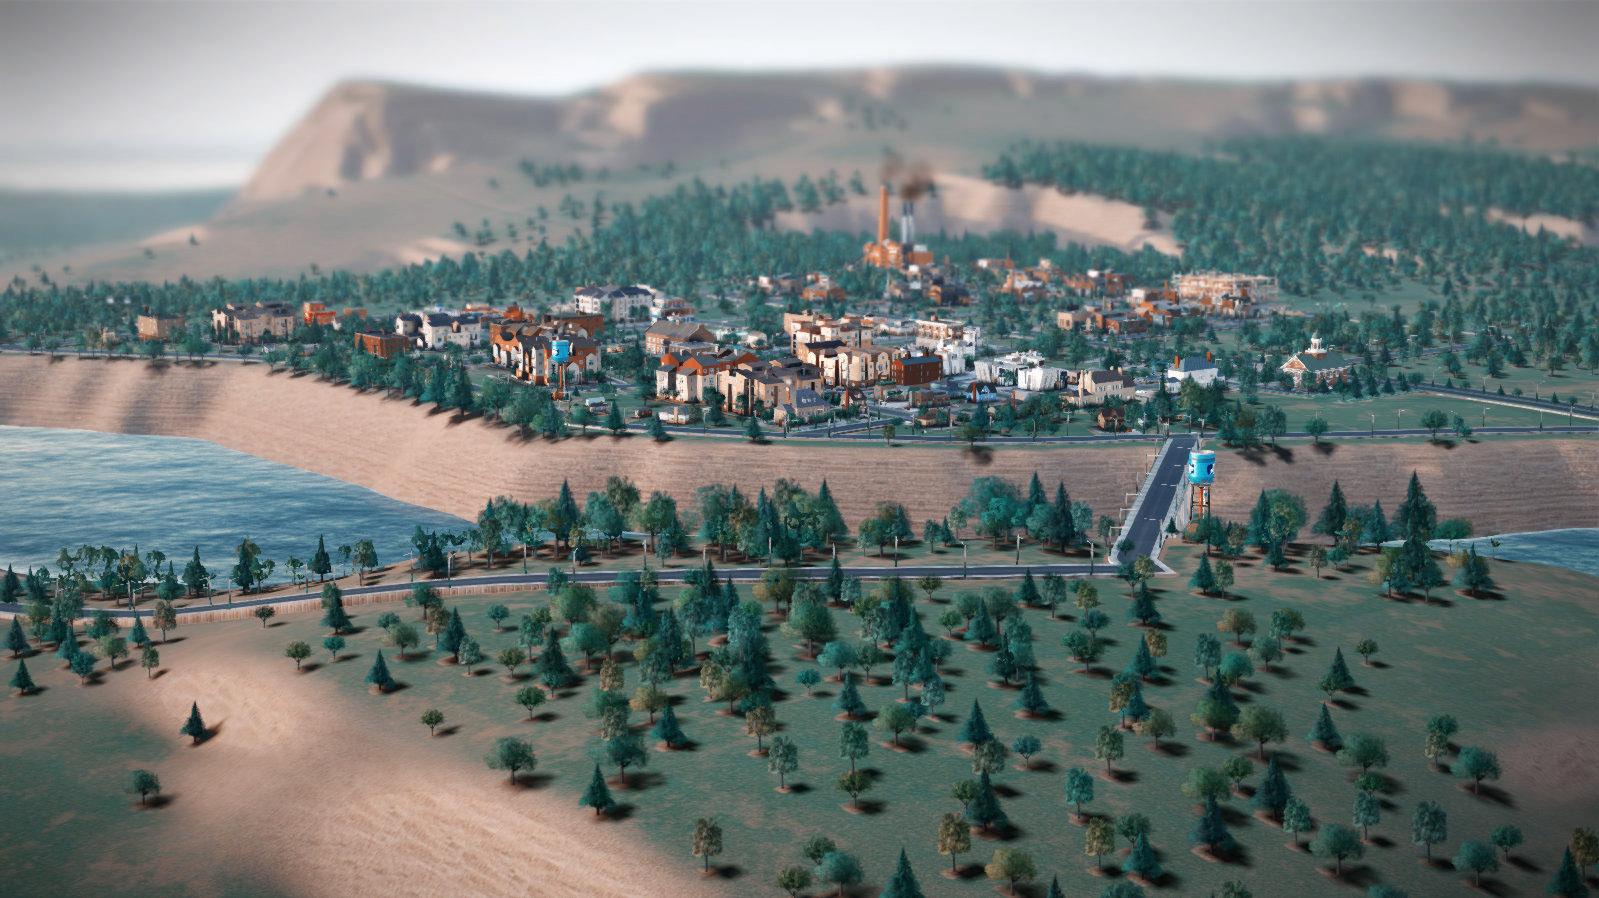 IMAGE(http://3.bp.blogspot.com/-ms2Gd8k1GKI/UO4cK7O4hgI/AAAAAAAAJoY/D3MeHjtu9ho/s1600/Done+Load+Materials+%5BDebugRelease%5D+192013+32346+PM.jpg)